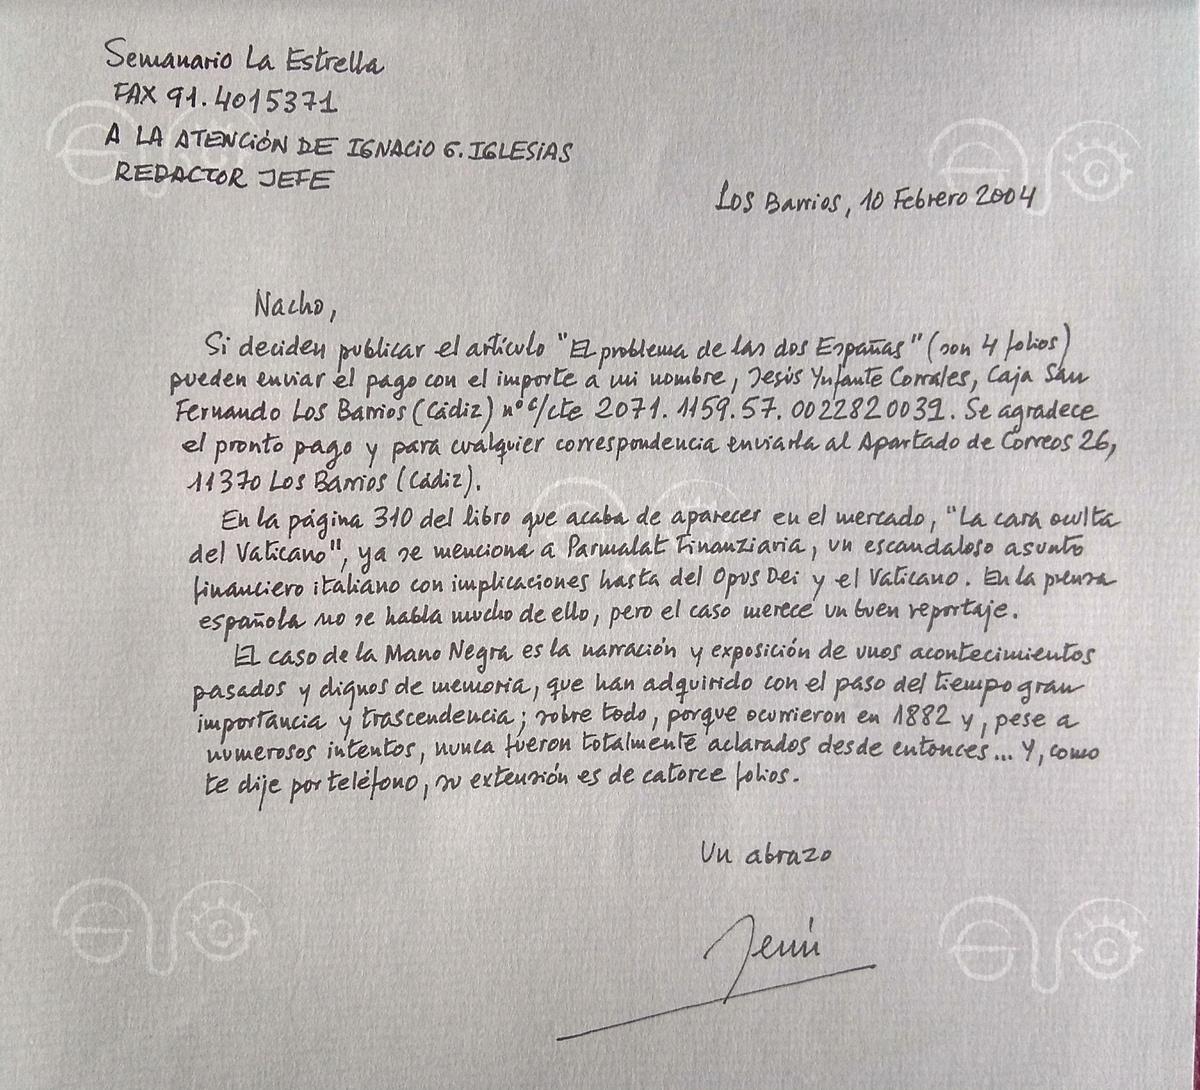 Carta de Jesús Ynfante a la redacción de La Estrella